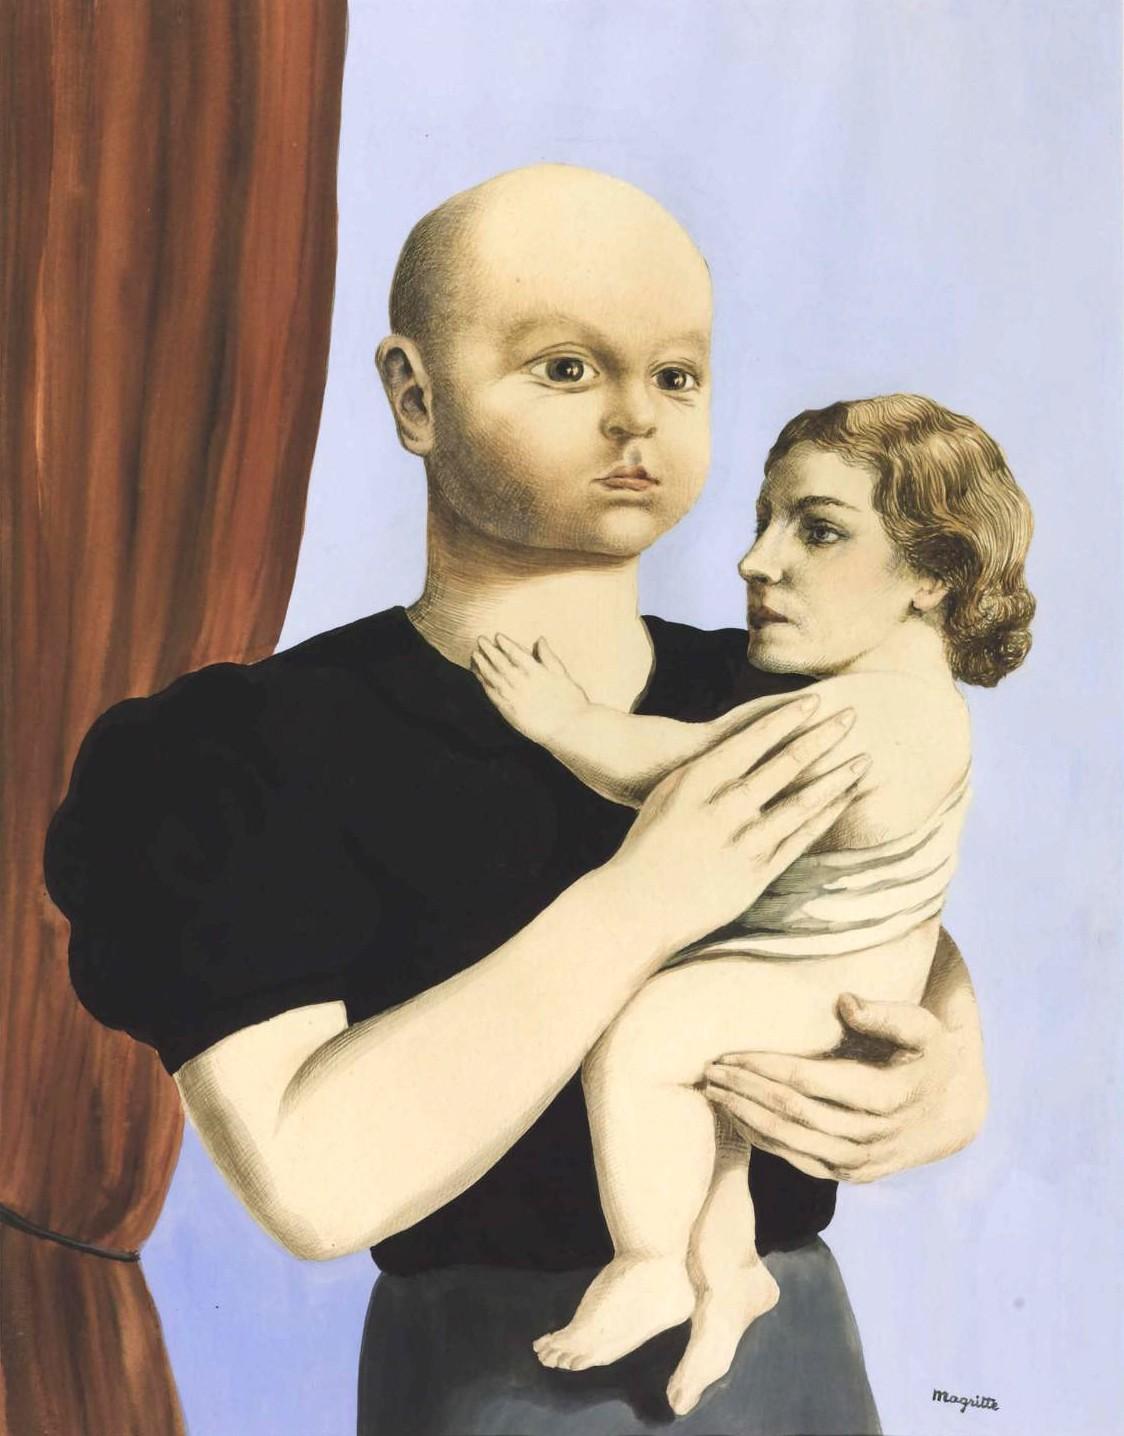 קורסי אומנות למבוגרים מזכרת בתיה